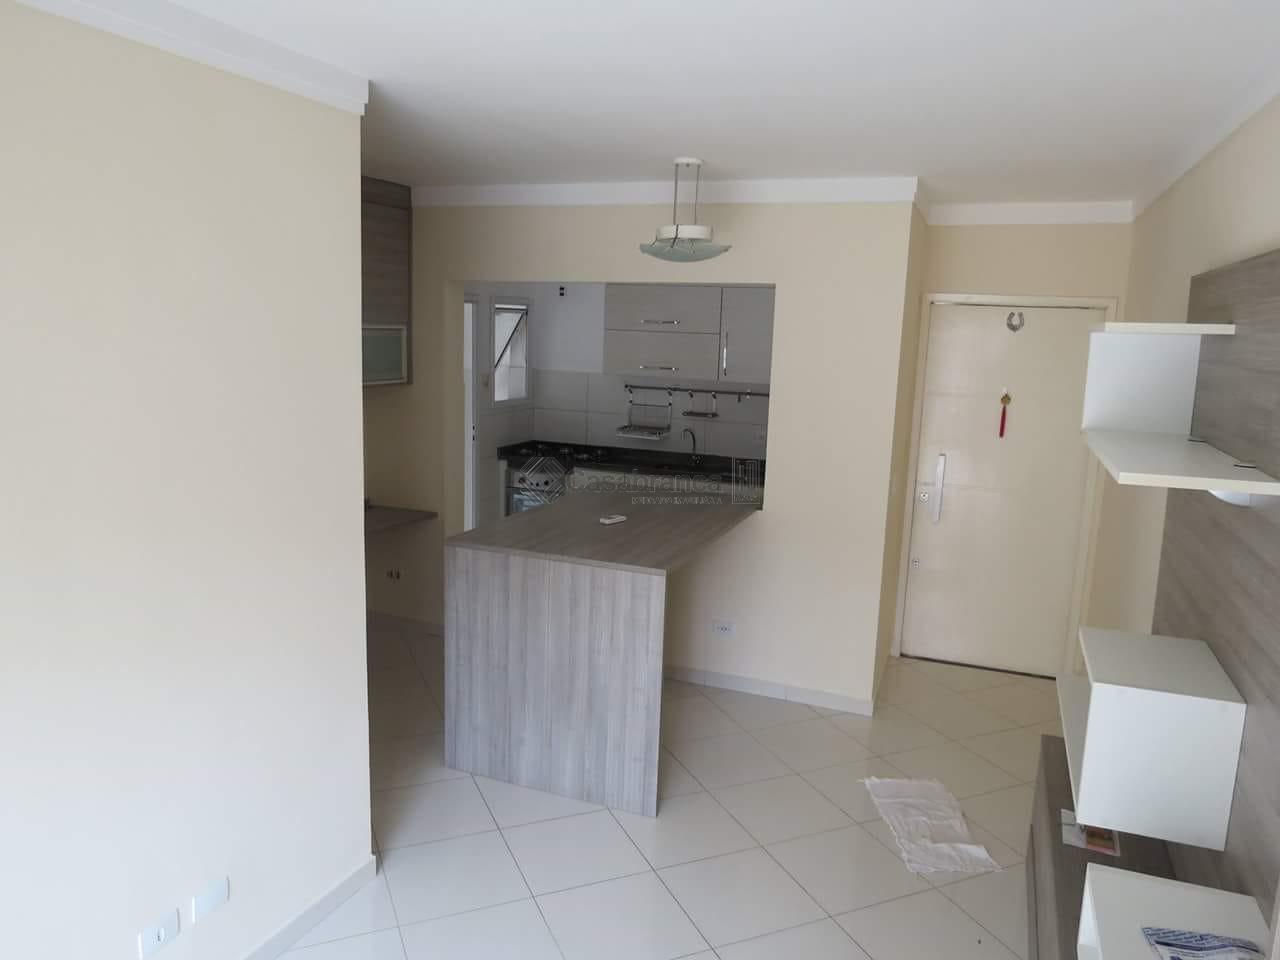 Apartamento residencial à venda, Jardim Europa, Sorocaba - AP6787.